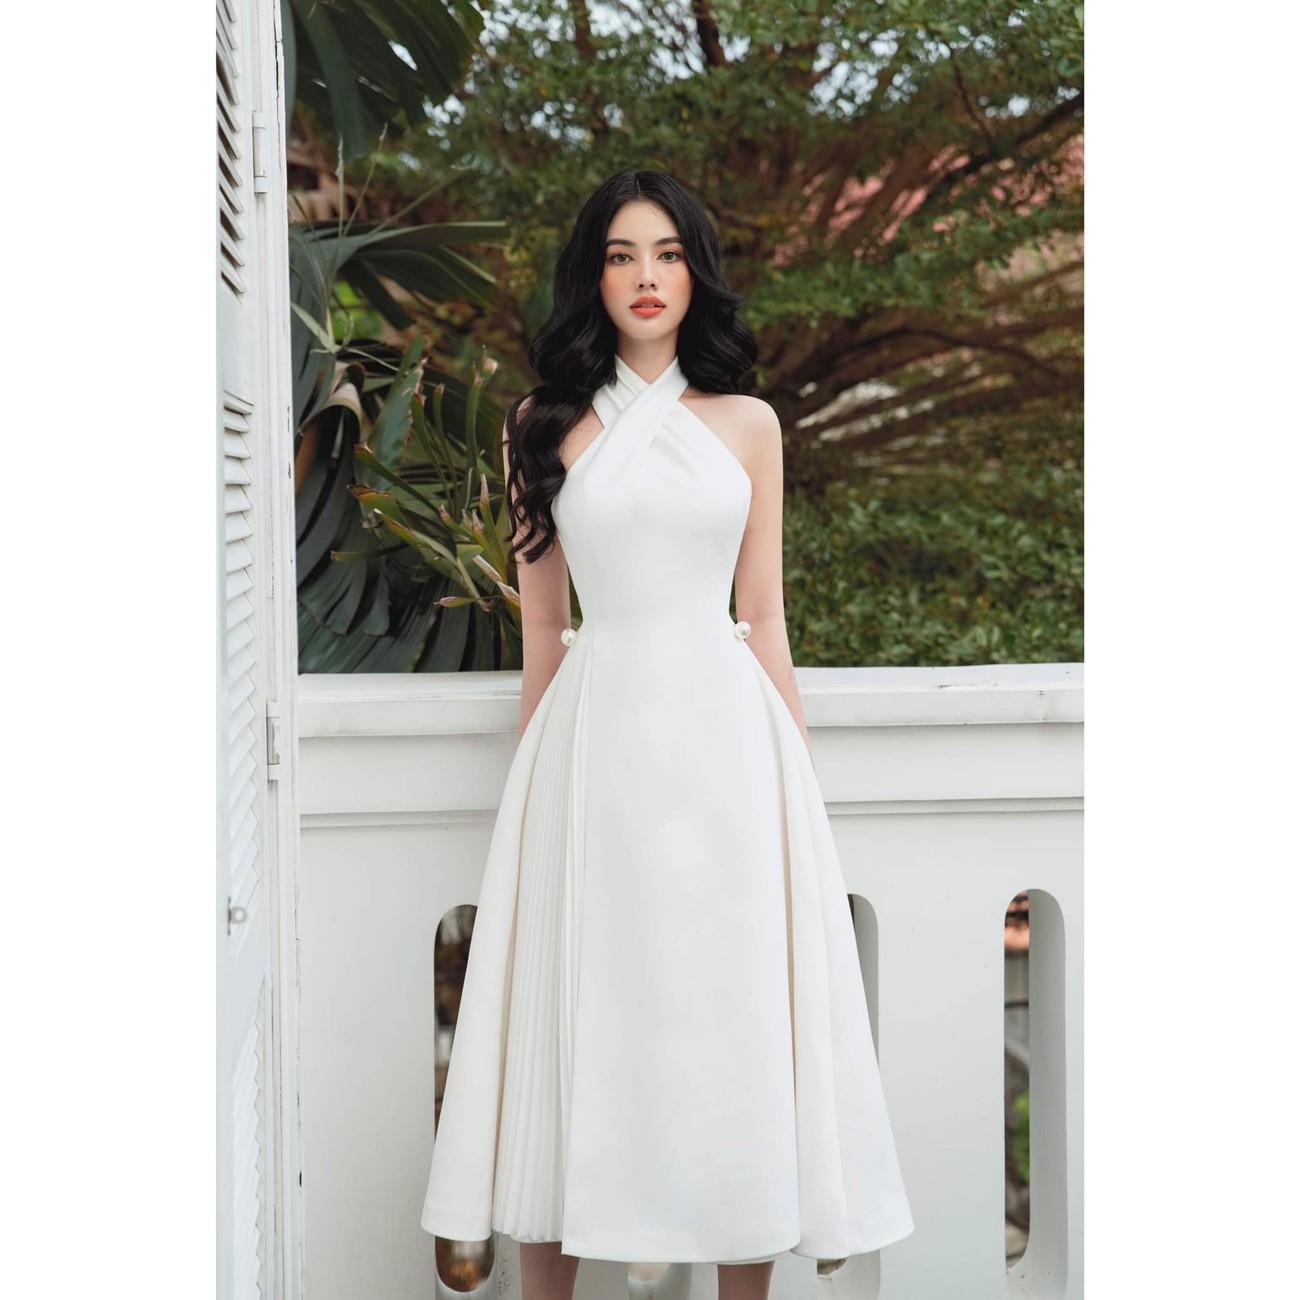 Người đẹp Cẩm Đan kiêu kỳ, Minh Anh xinh đẹp tựa nữ thần ảnh 14